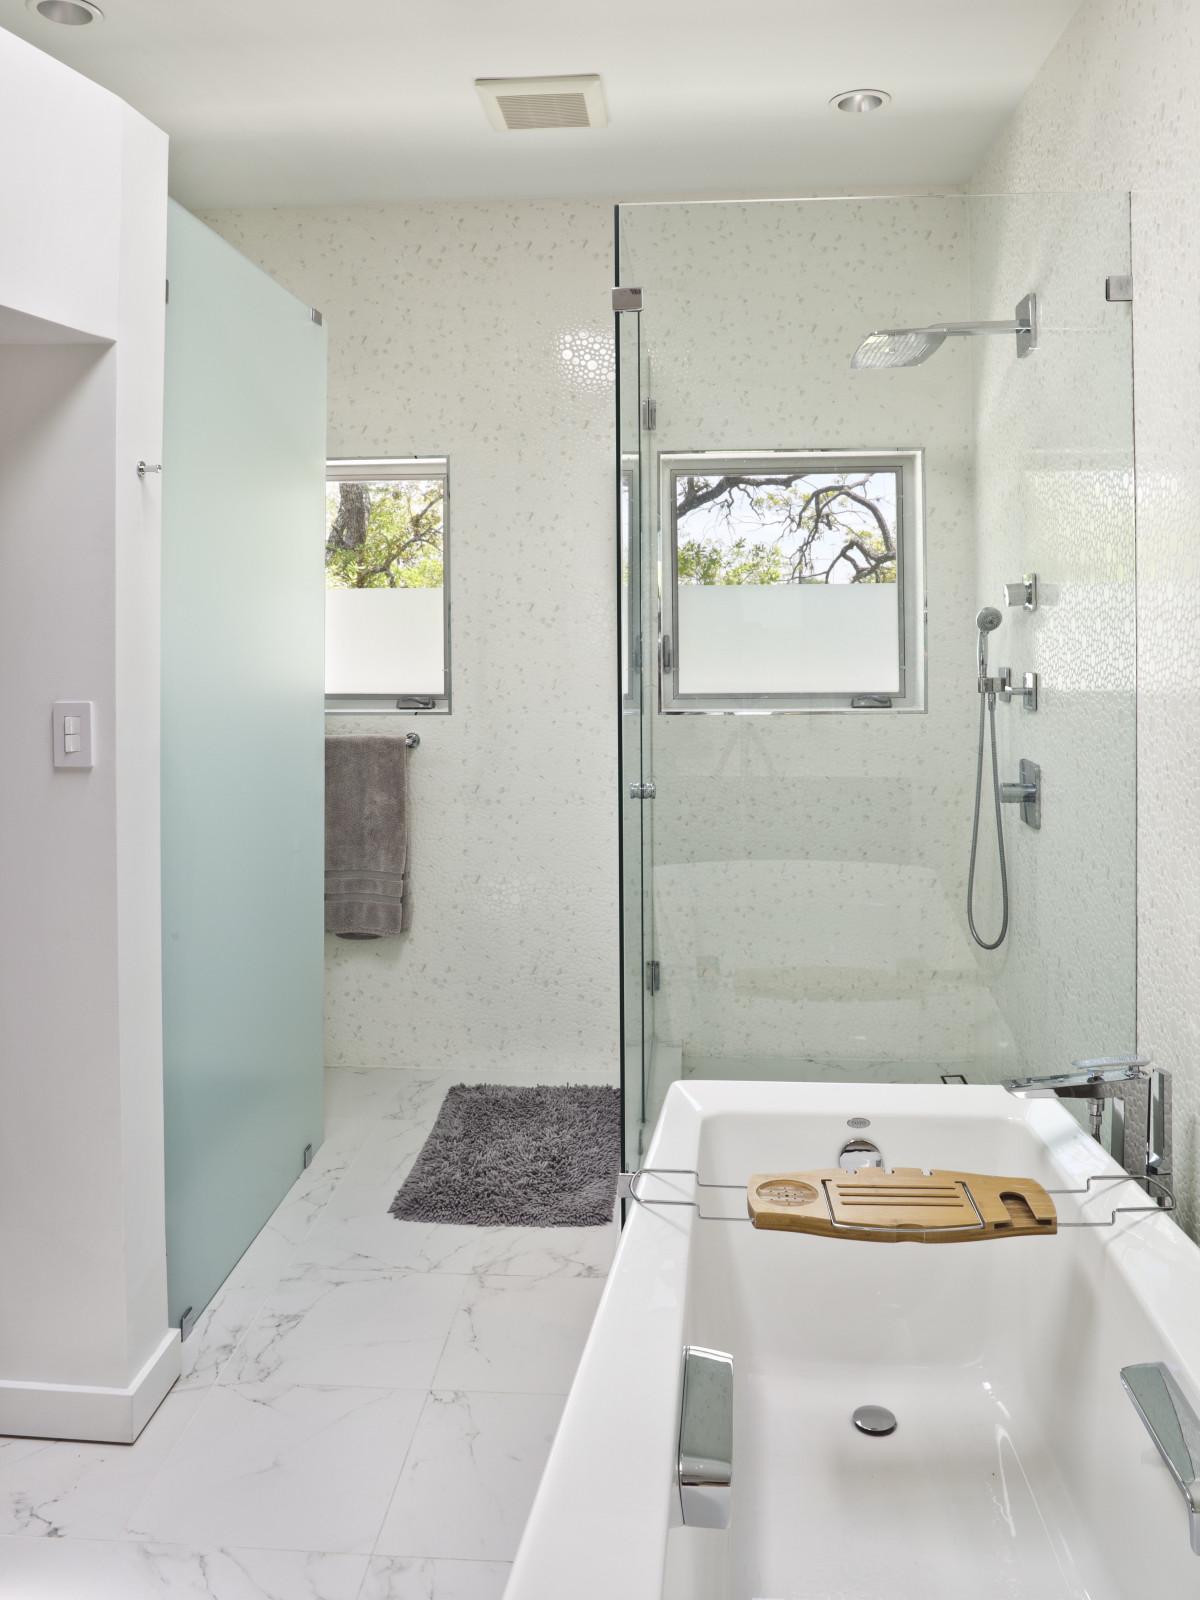 Porch.com Collaborative Designworks bathroom